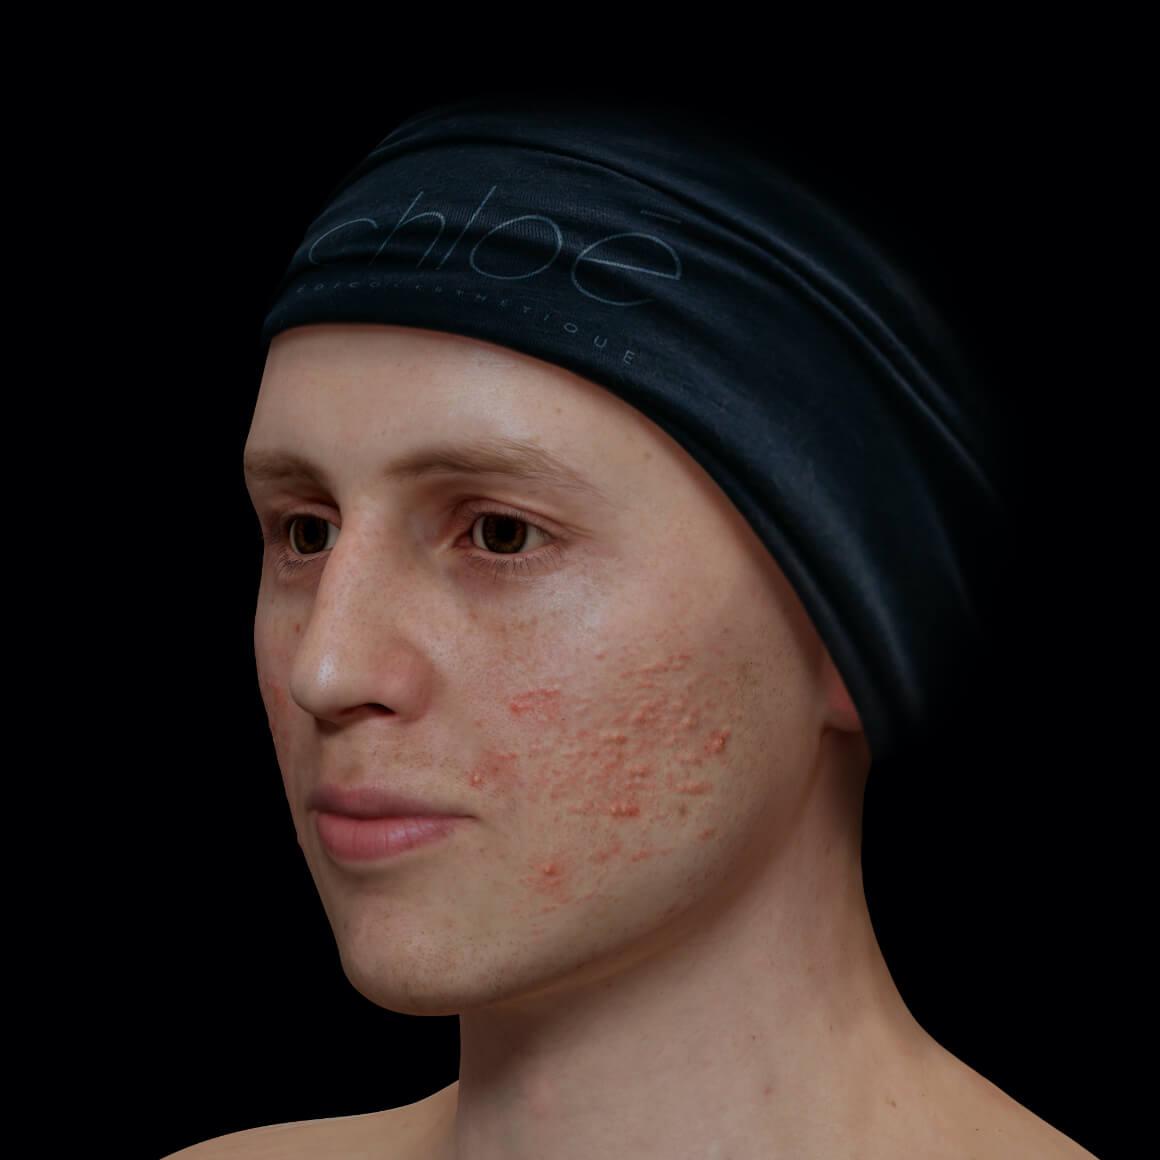 Patient de la Clinique Chloé positionné en angle ayant de l'acné active sur le visage